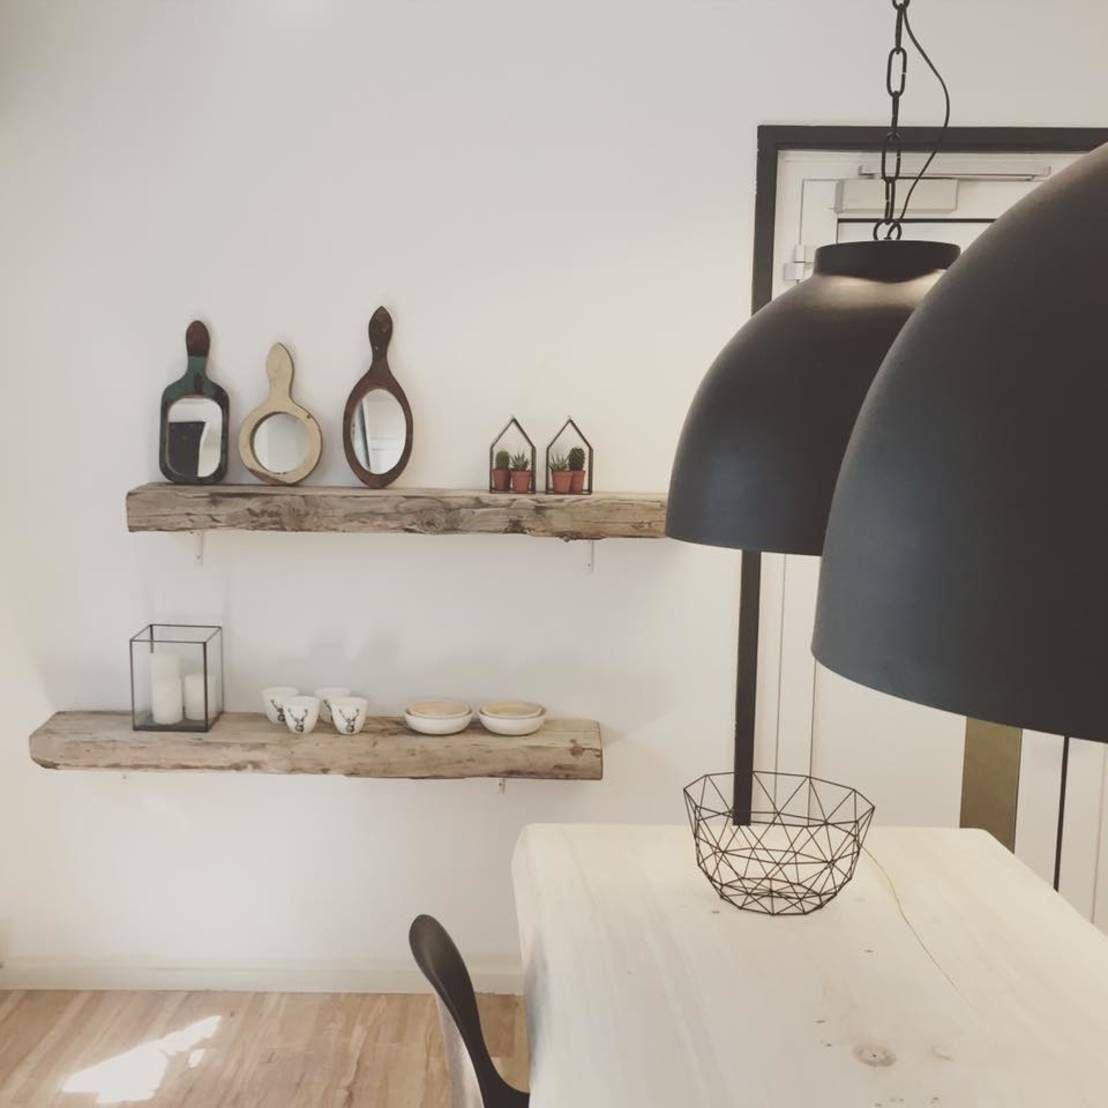 bijzondere houten planken aan de muur | salons, interiors and, Deco ideeën